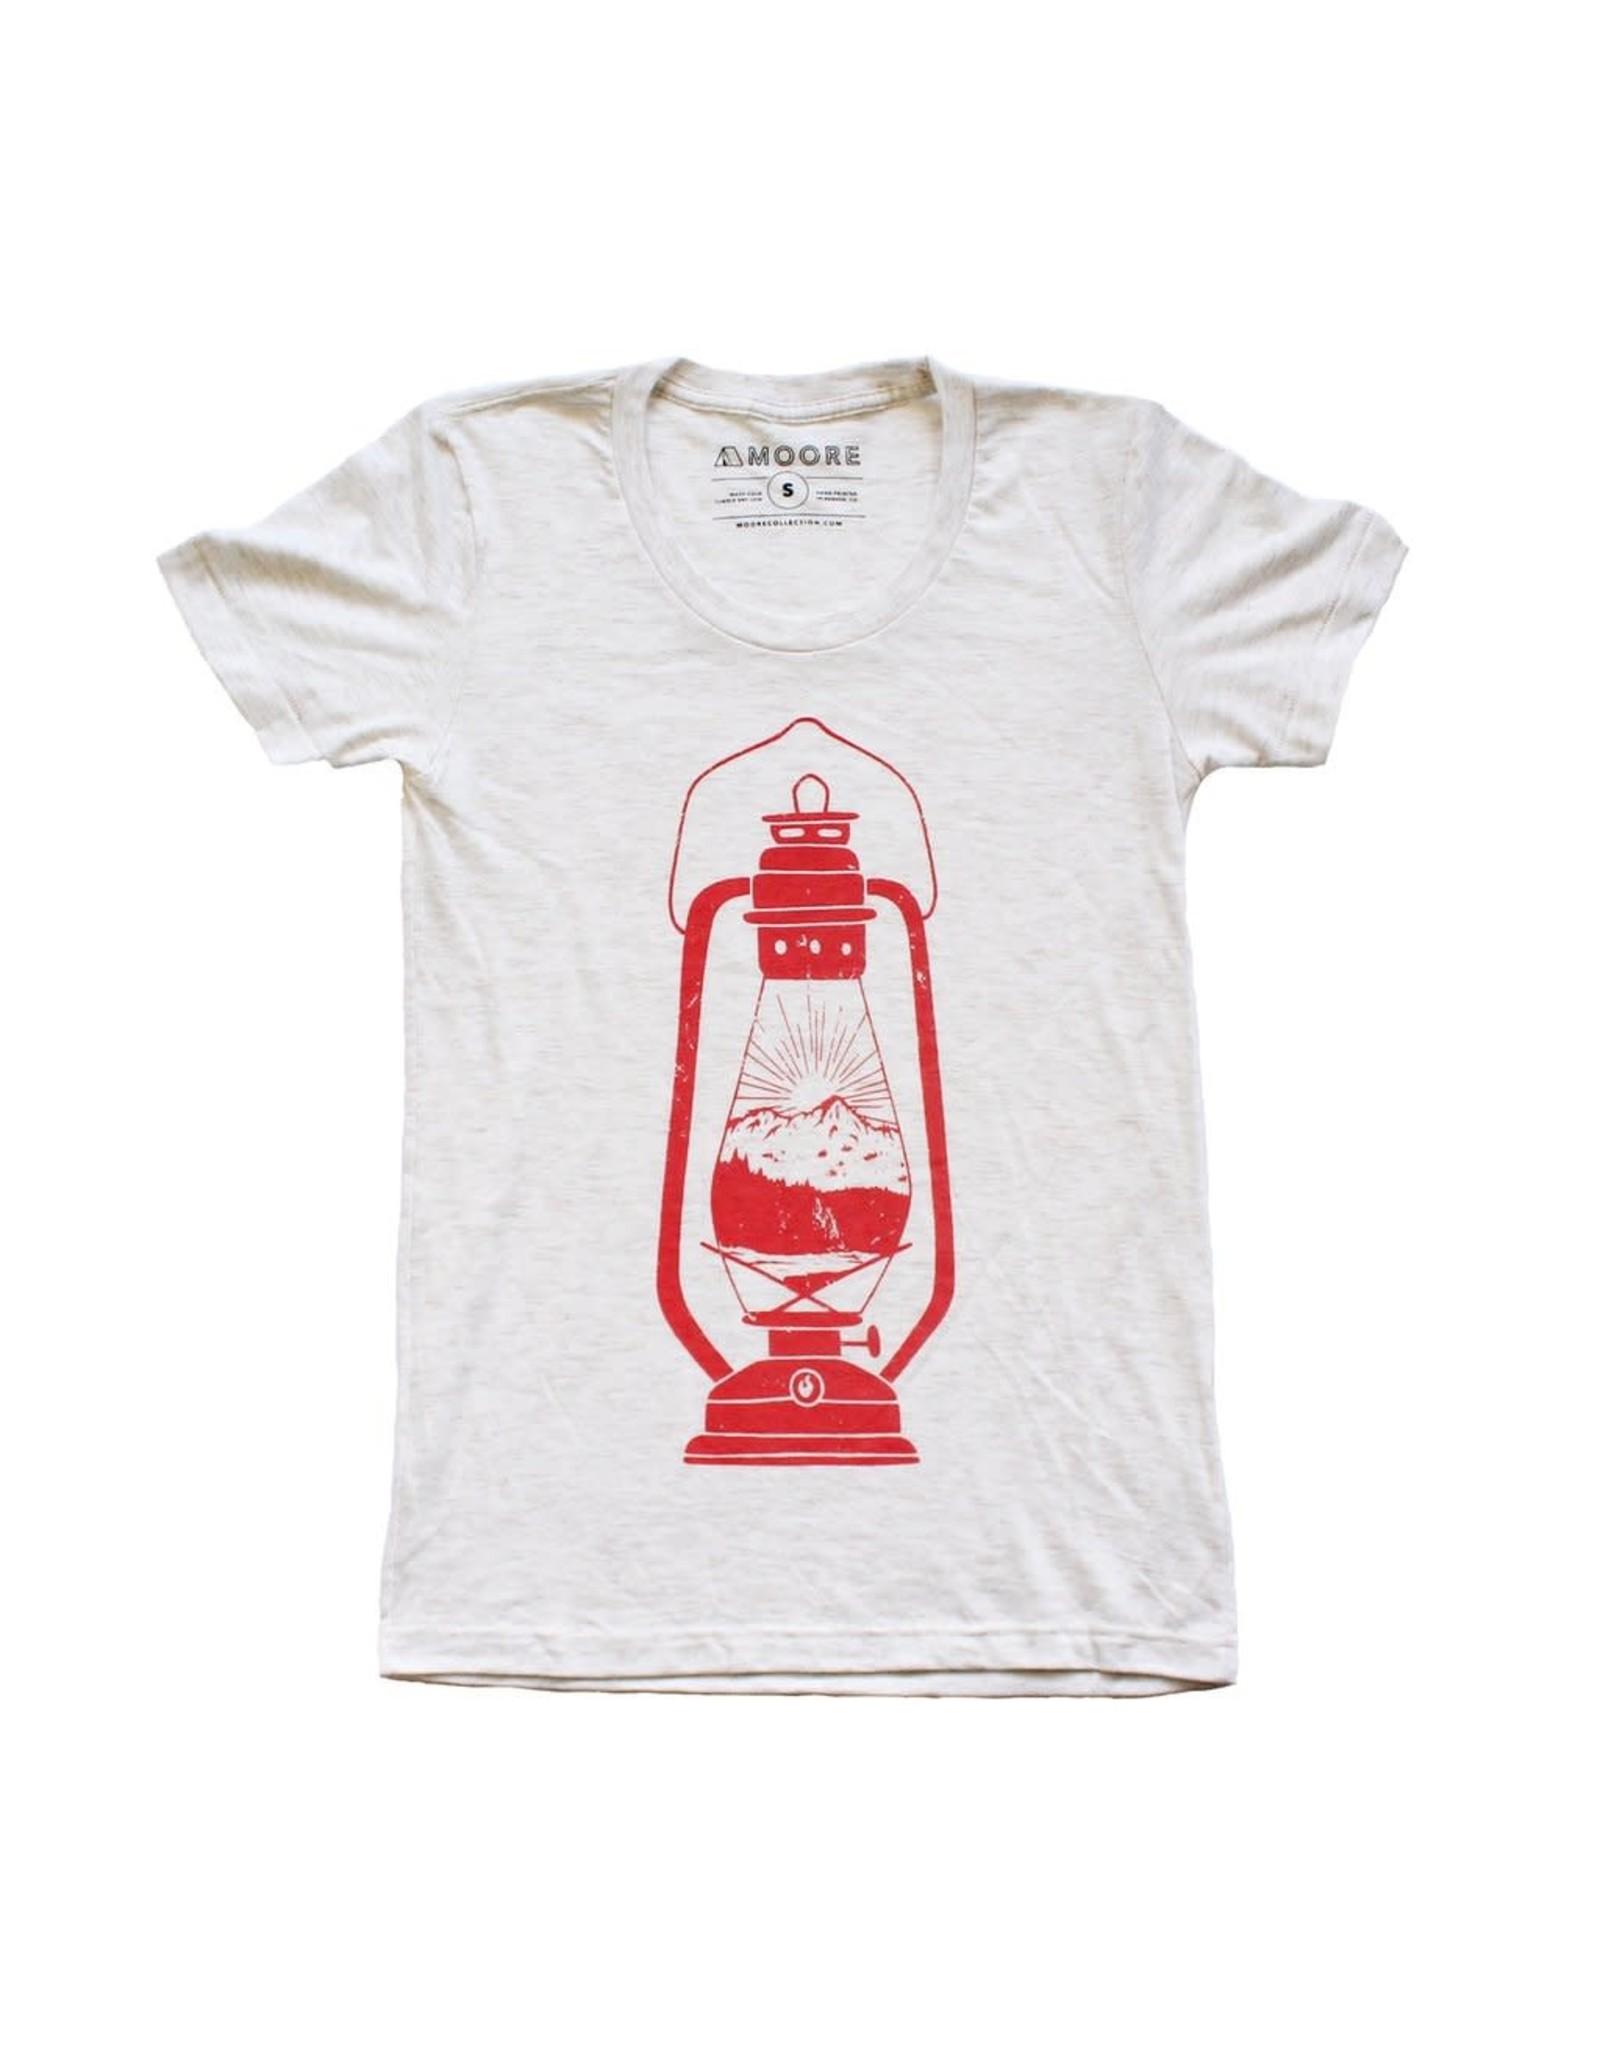 Moore Ladies Lantern T-shirt